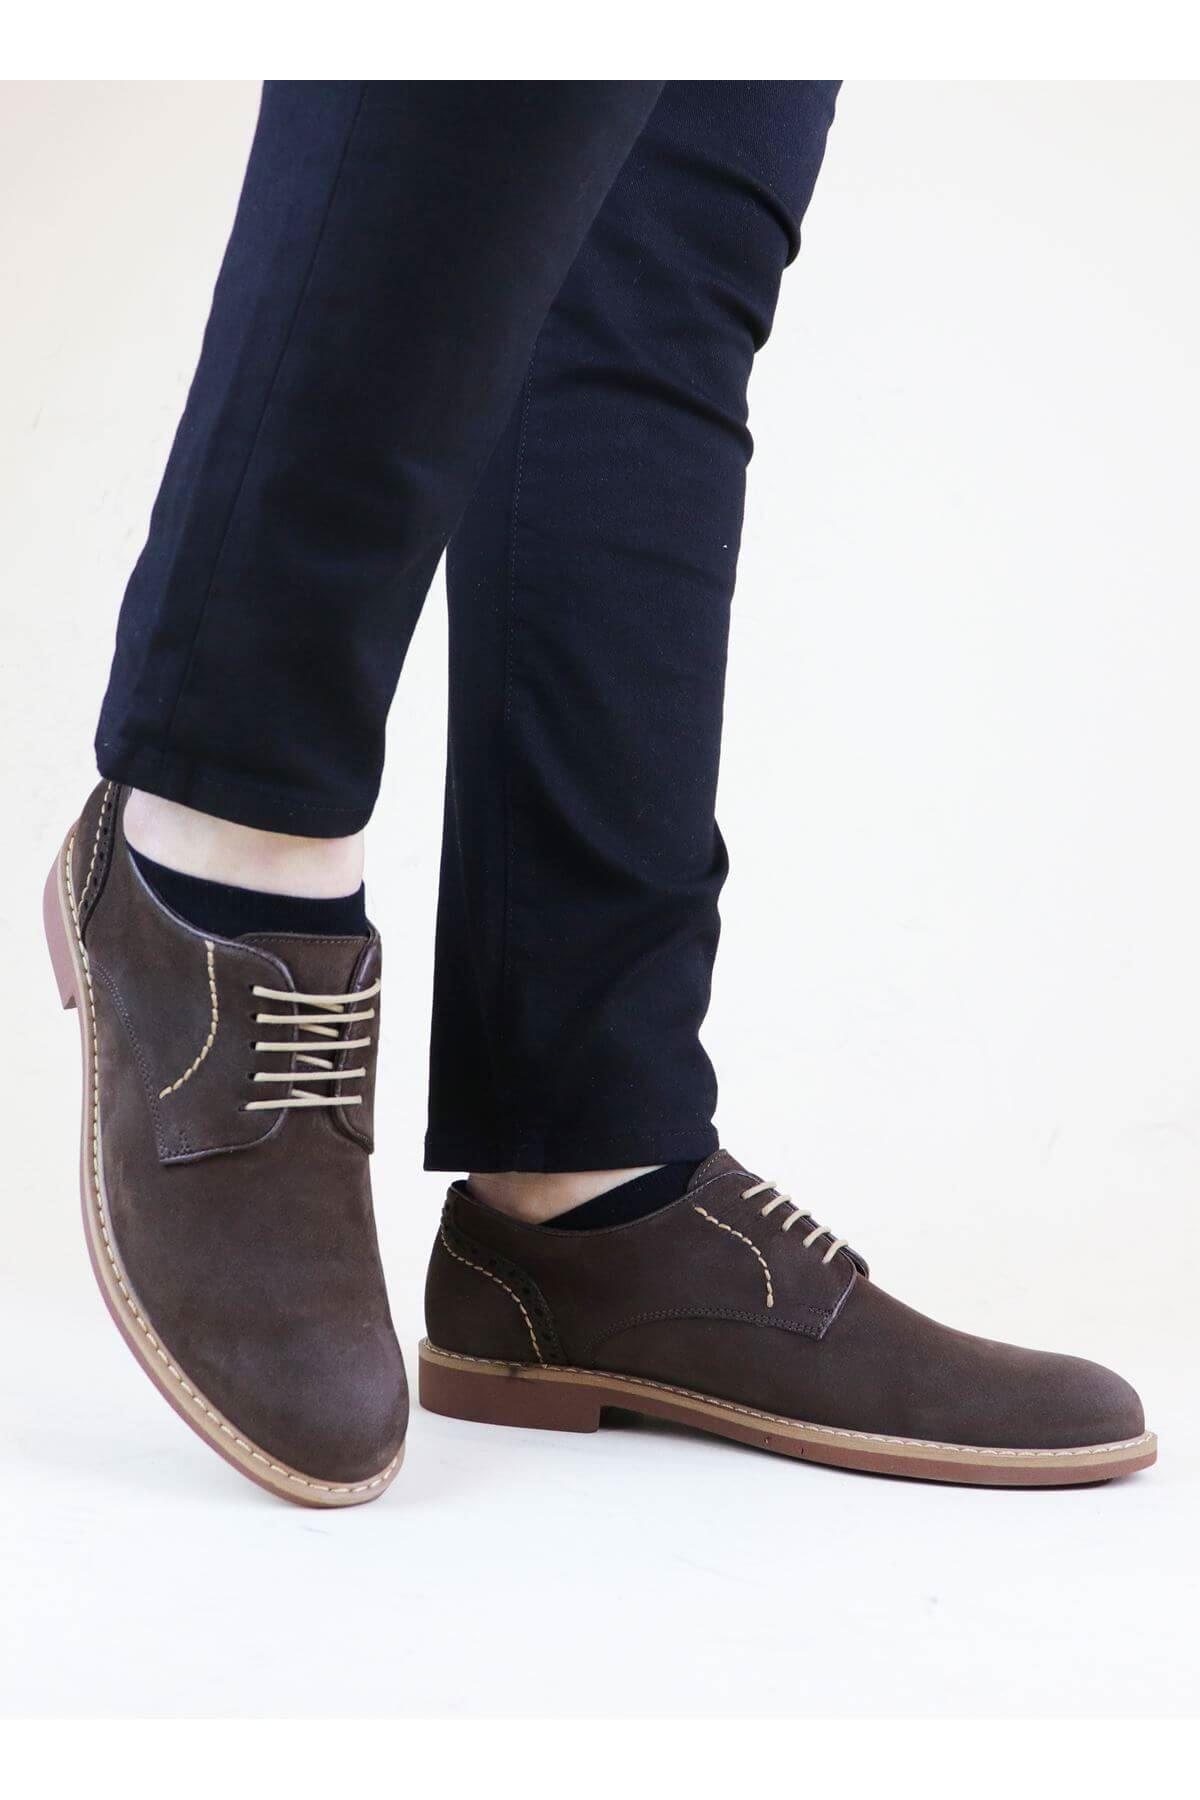 Free Foot 2650 Kahverengi Süet Hakiki Deri Erkek Ayakkabısı